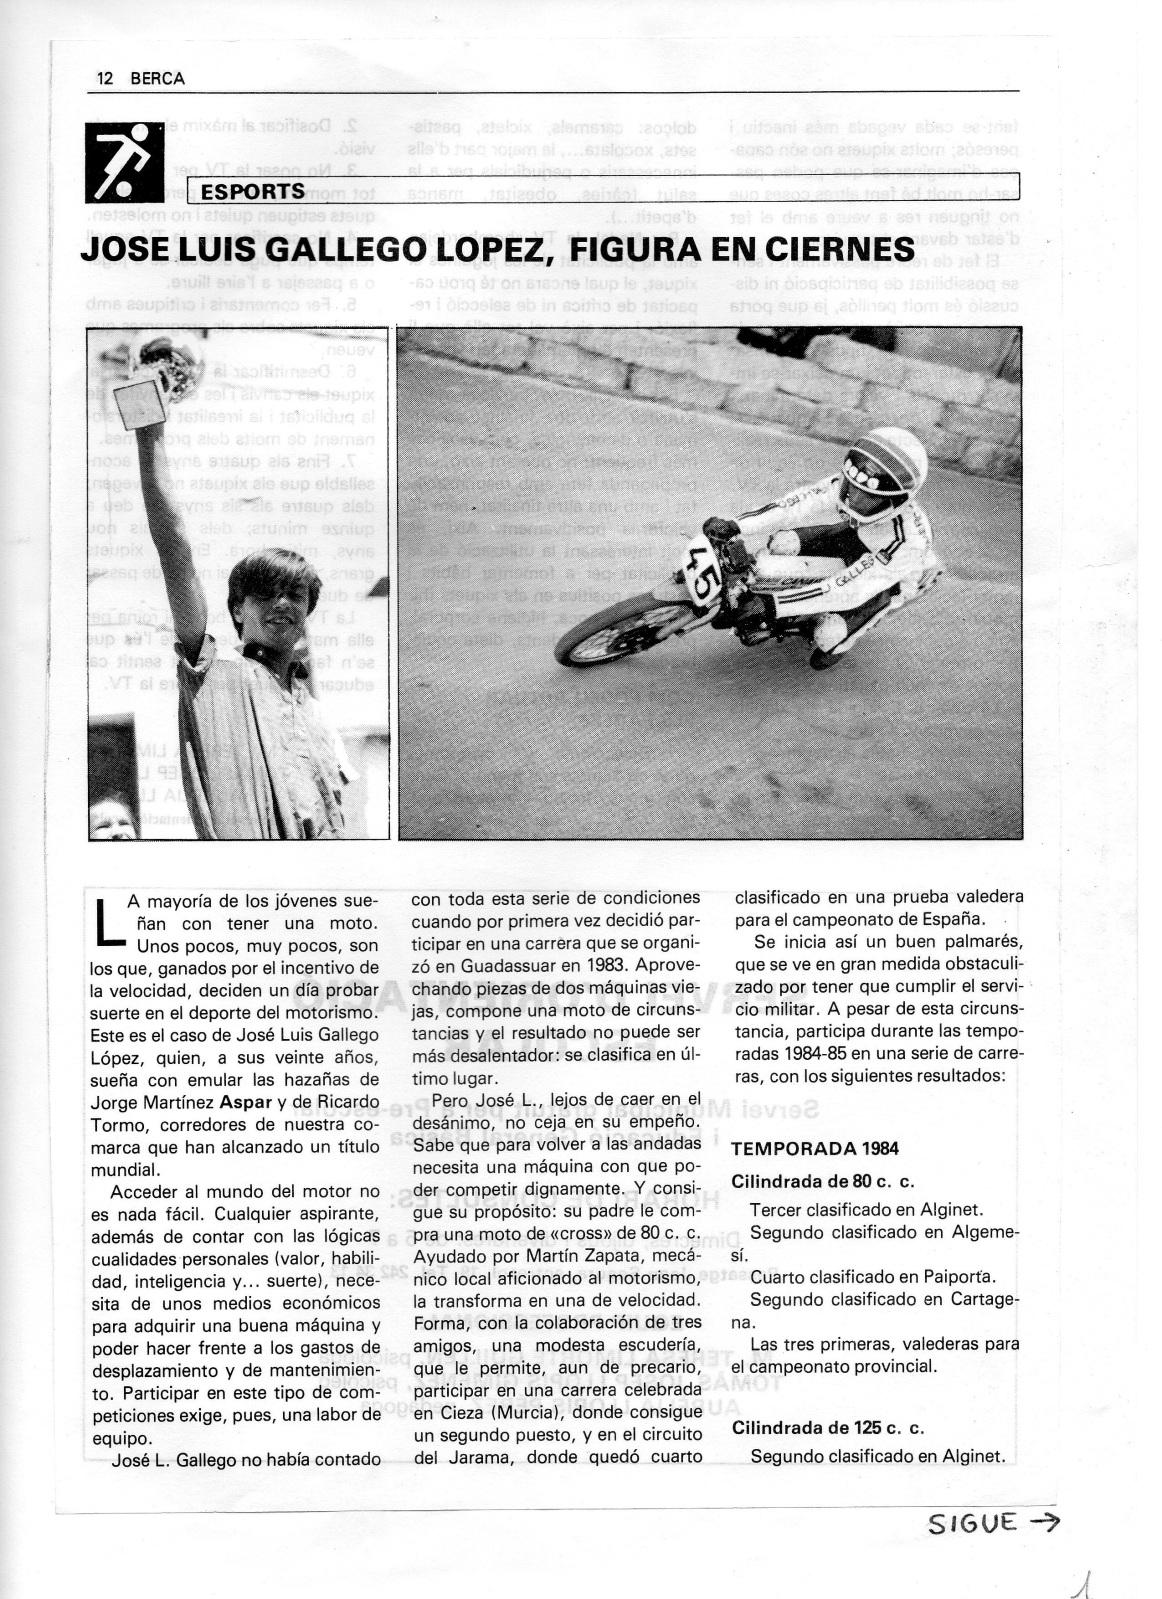 Antiguos pilotos: José Luis Gallego (V) 21dgzh1